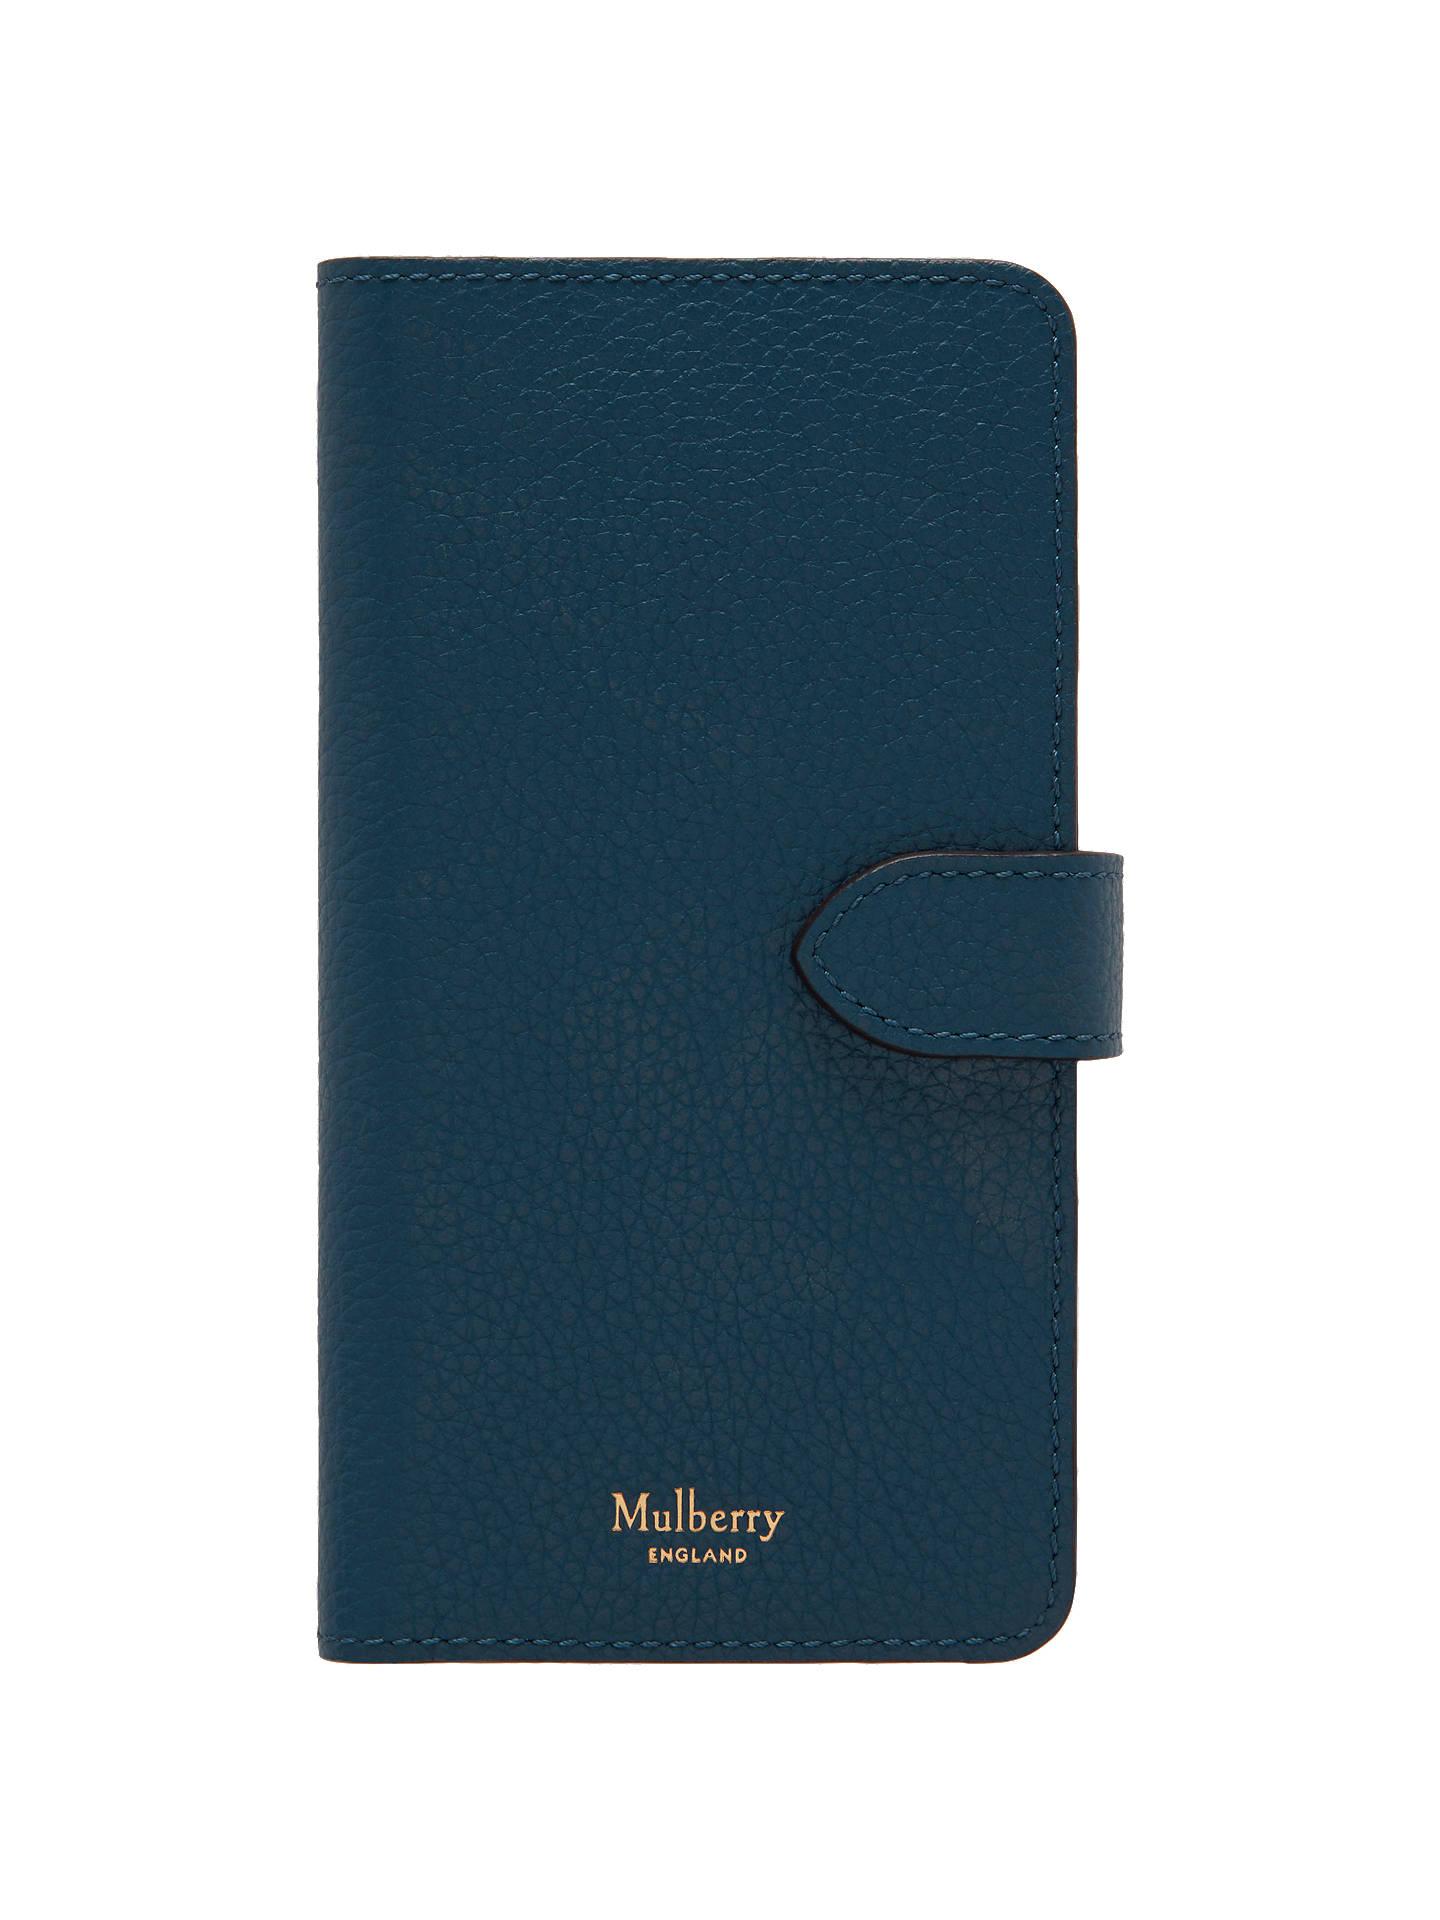 meet ff4ce 788a5 Mulberry Leather iPhone Flip Case, Deep Sea